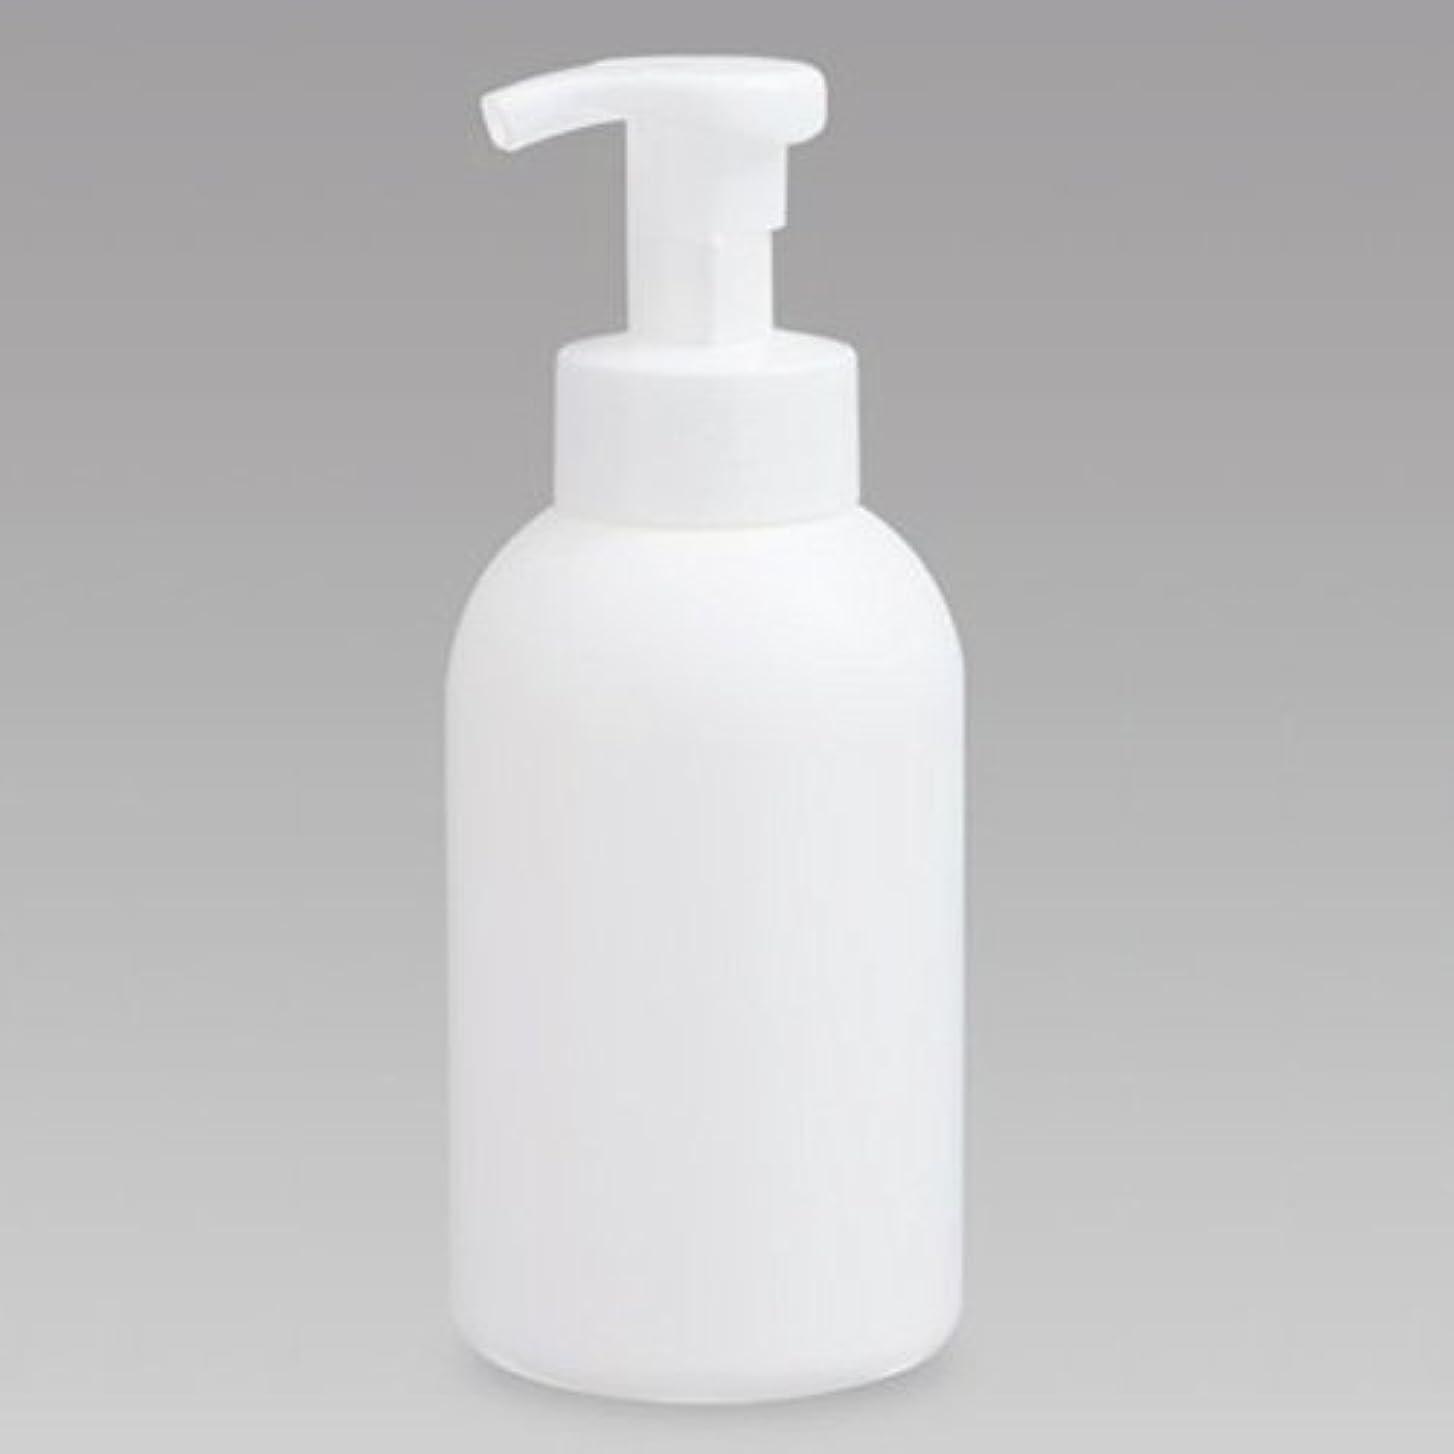 酔っ払いレンド承認する泡ボトル 泡ポンプボトル 500mL(PE) ホワイト 詰め替え 詰替 泡ハンドソープ 全身石鹸 ボディソープ 洗顔フォーム